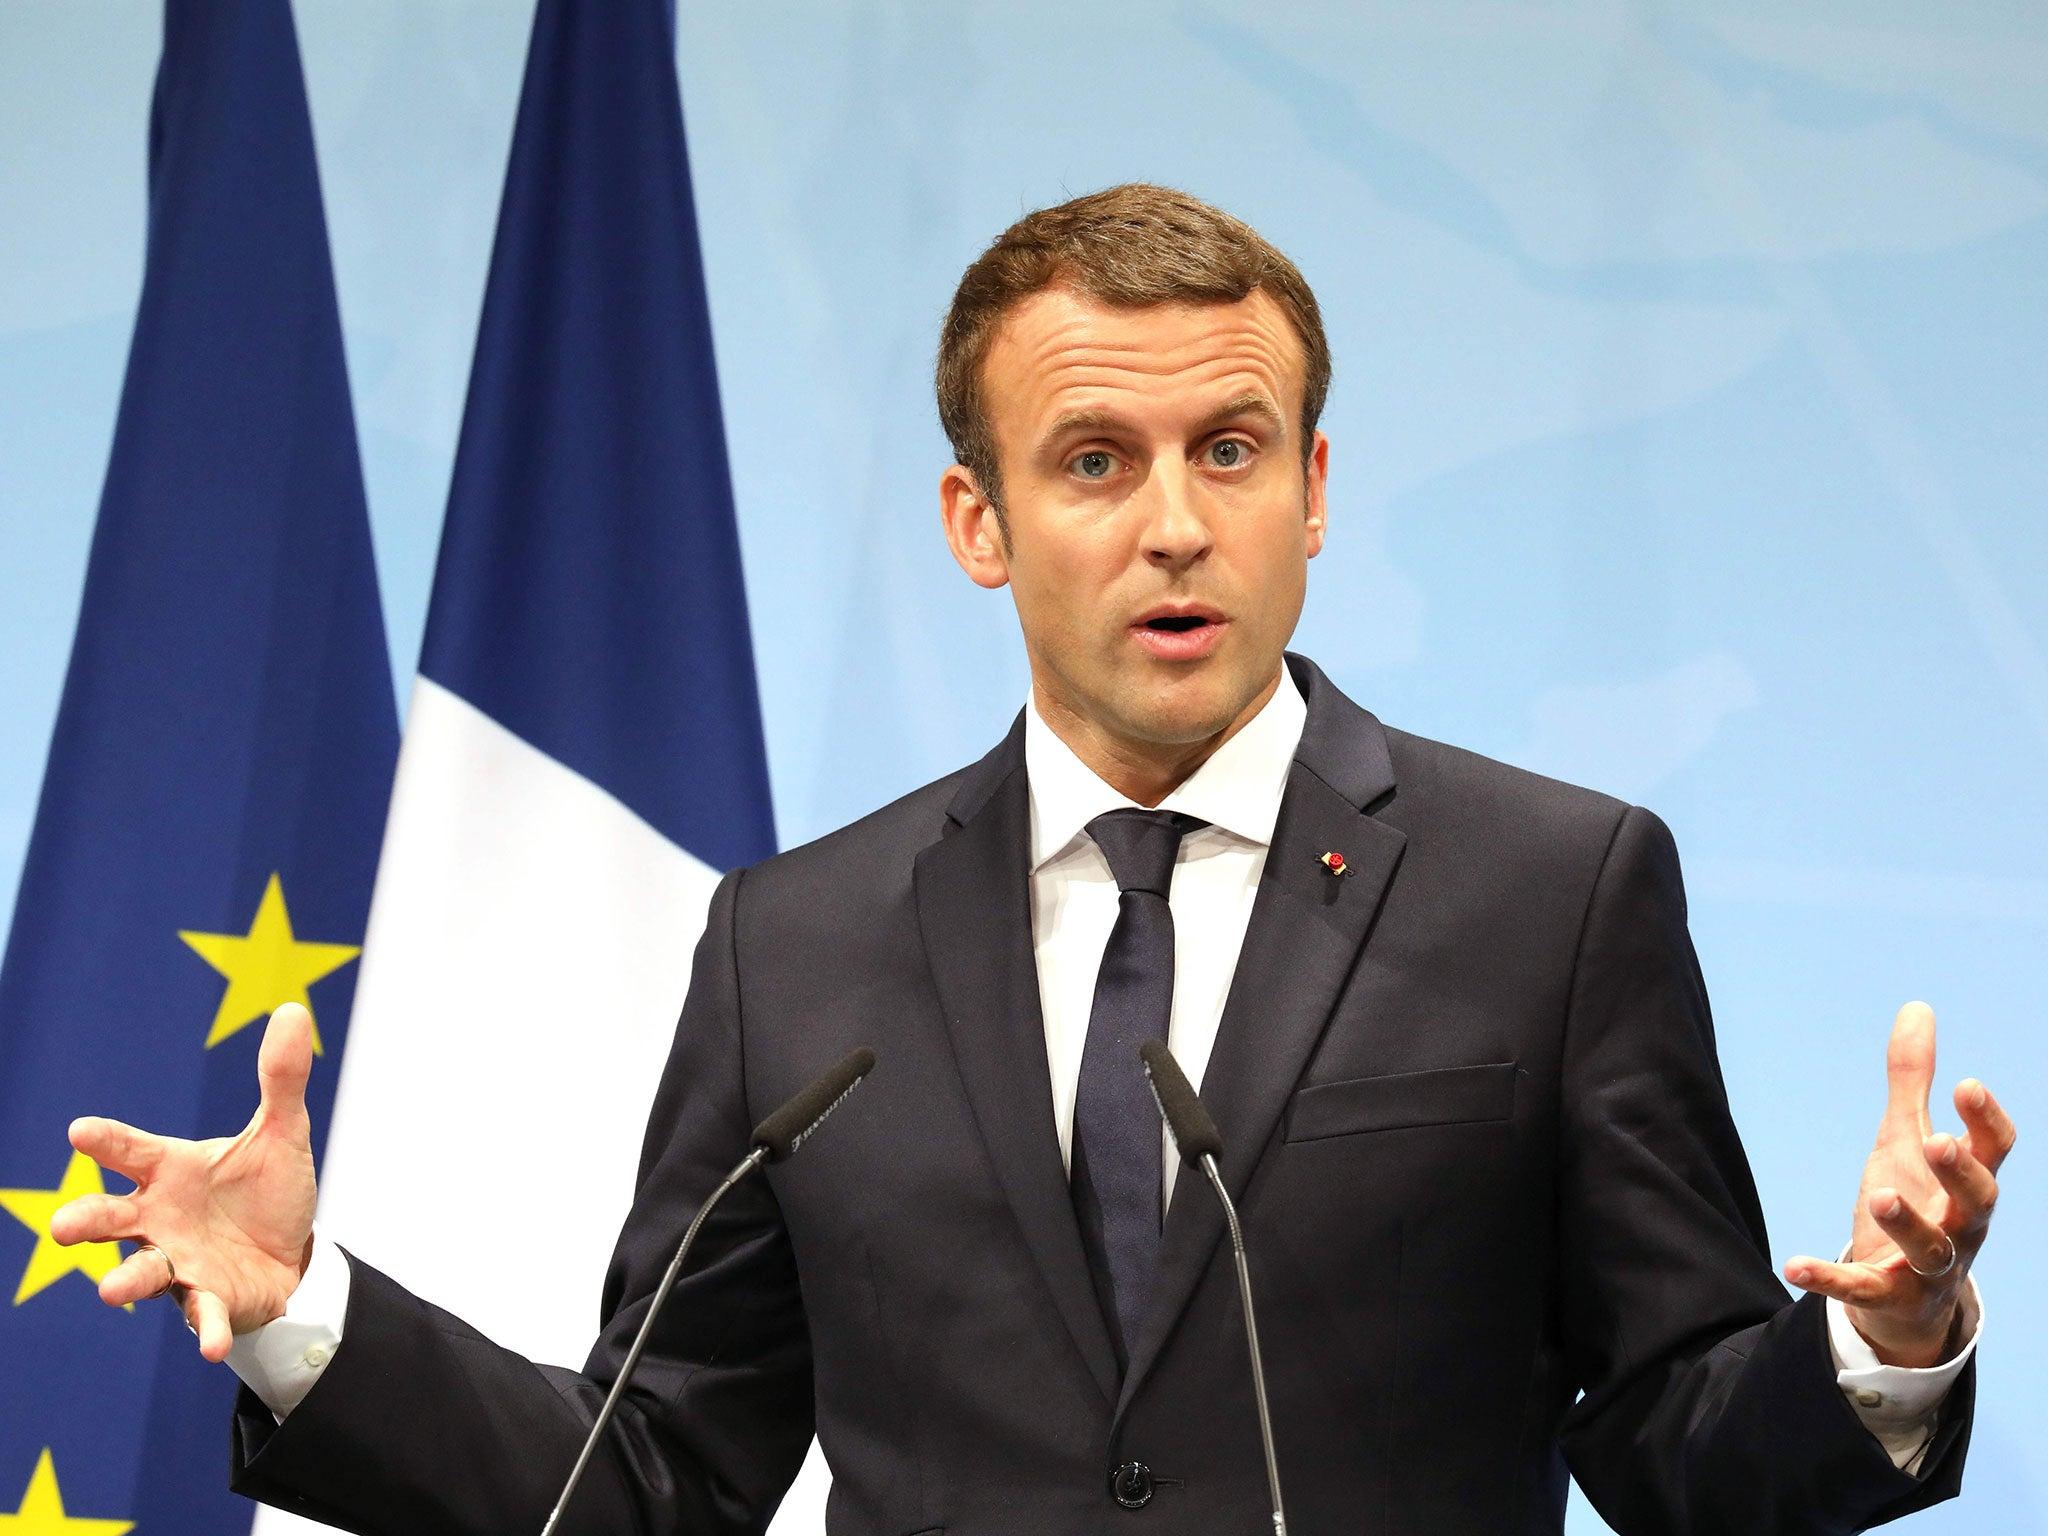 الزخم الفرنسي الجديد شرق المتوسط…الدلالات والمعاني